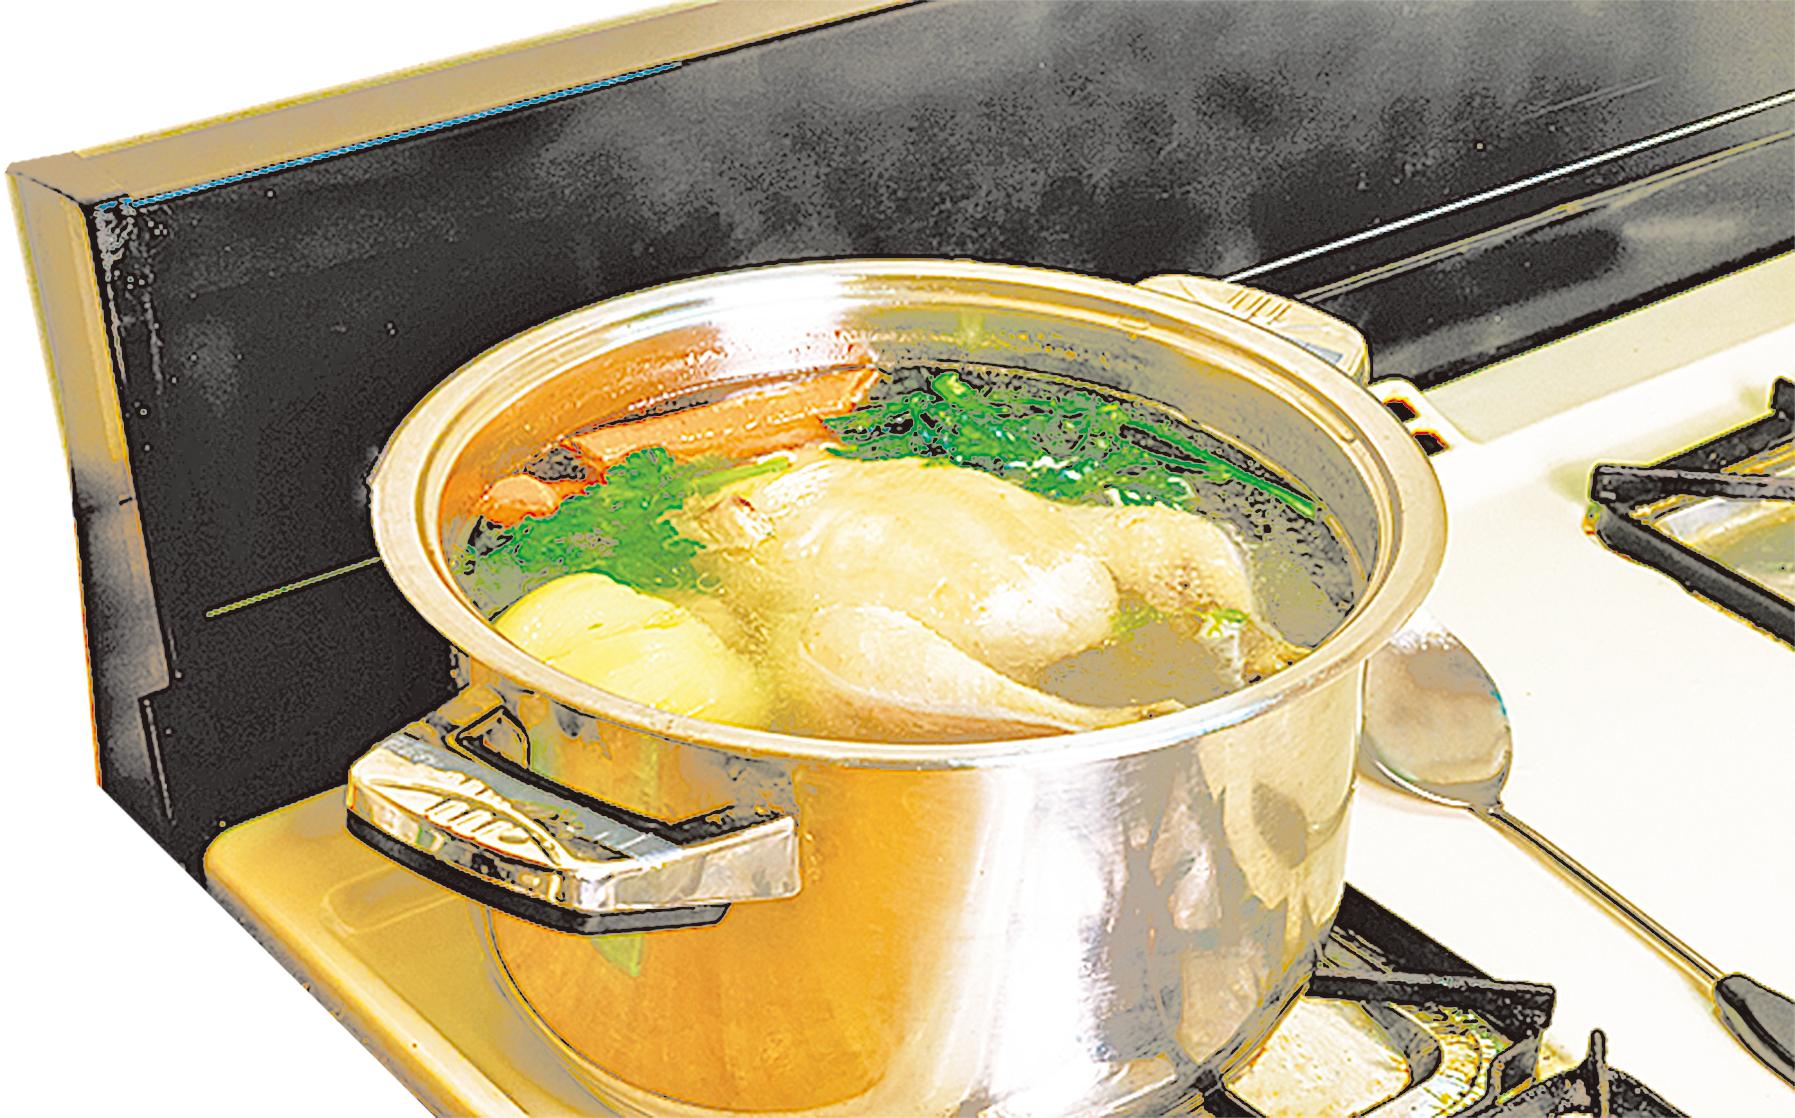 加熱是最有效的食物殺菌法,充份加熱吃了更安心。